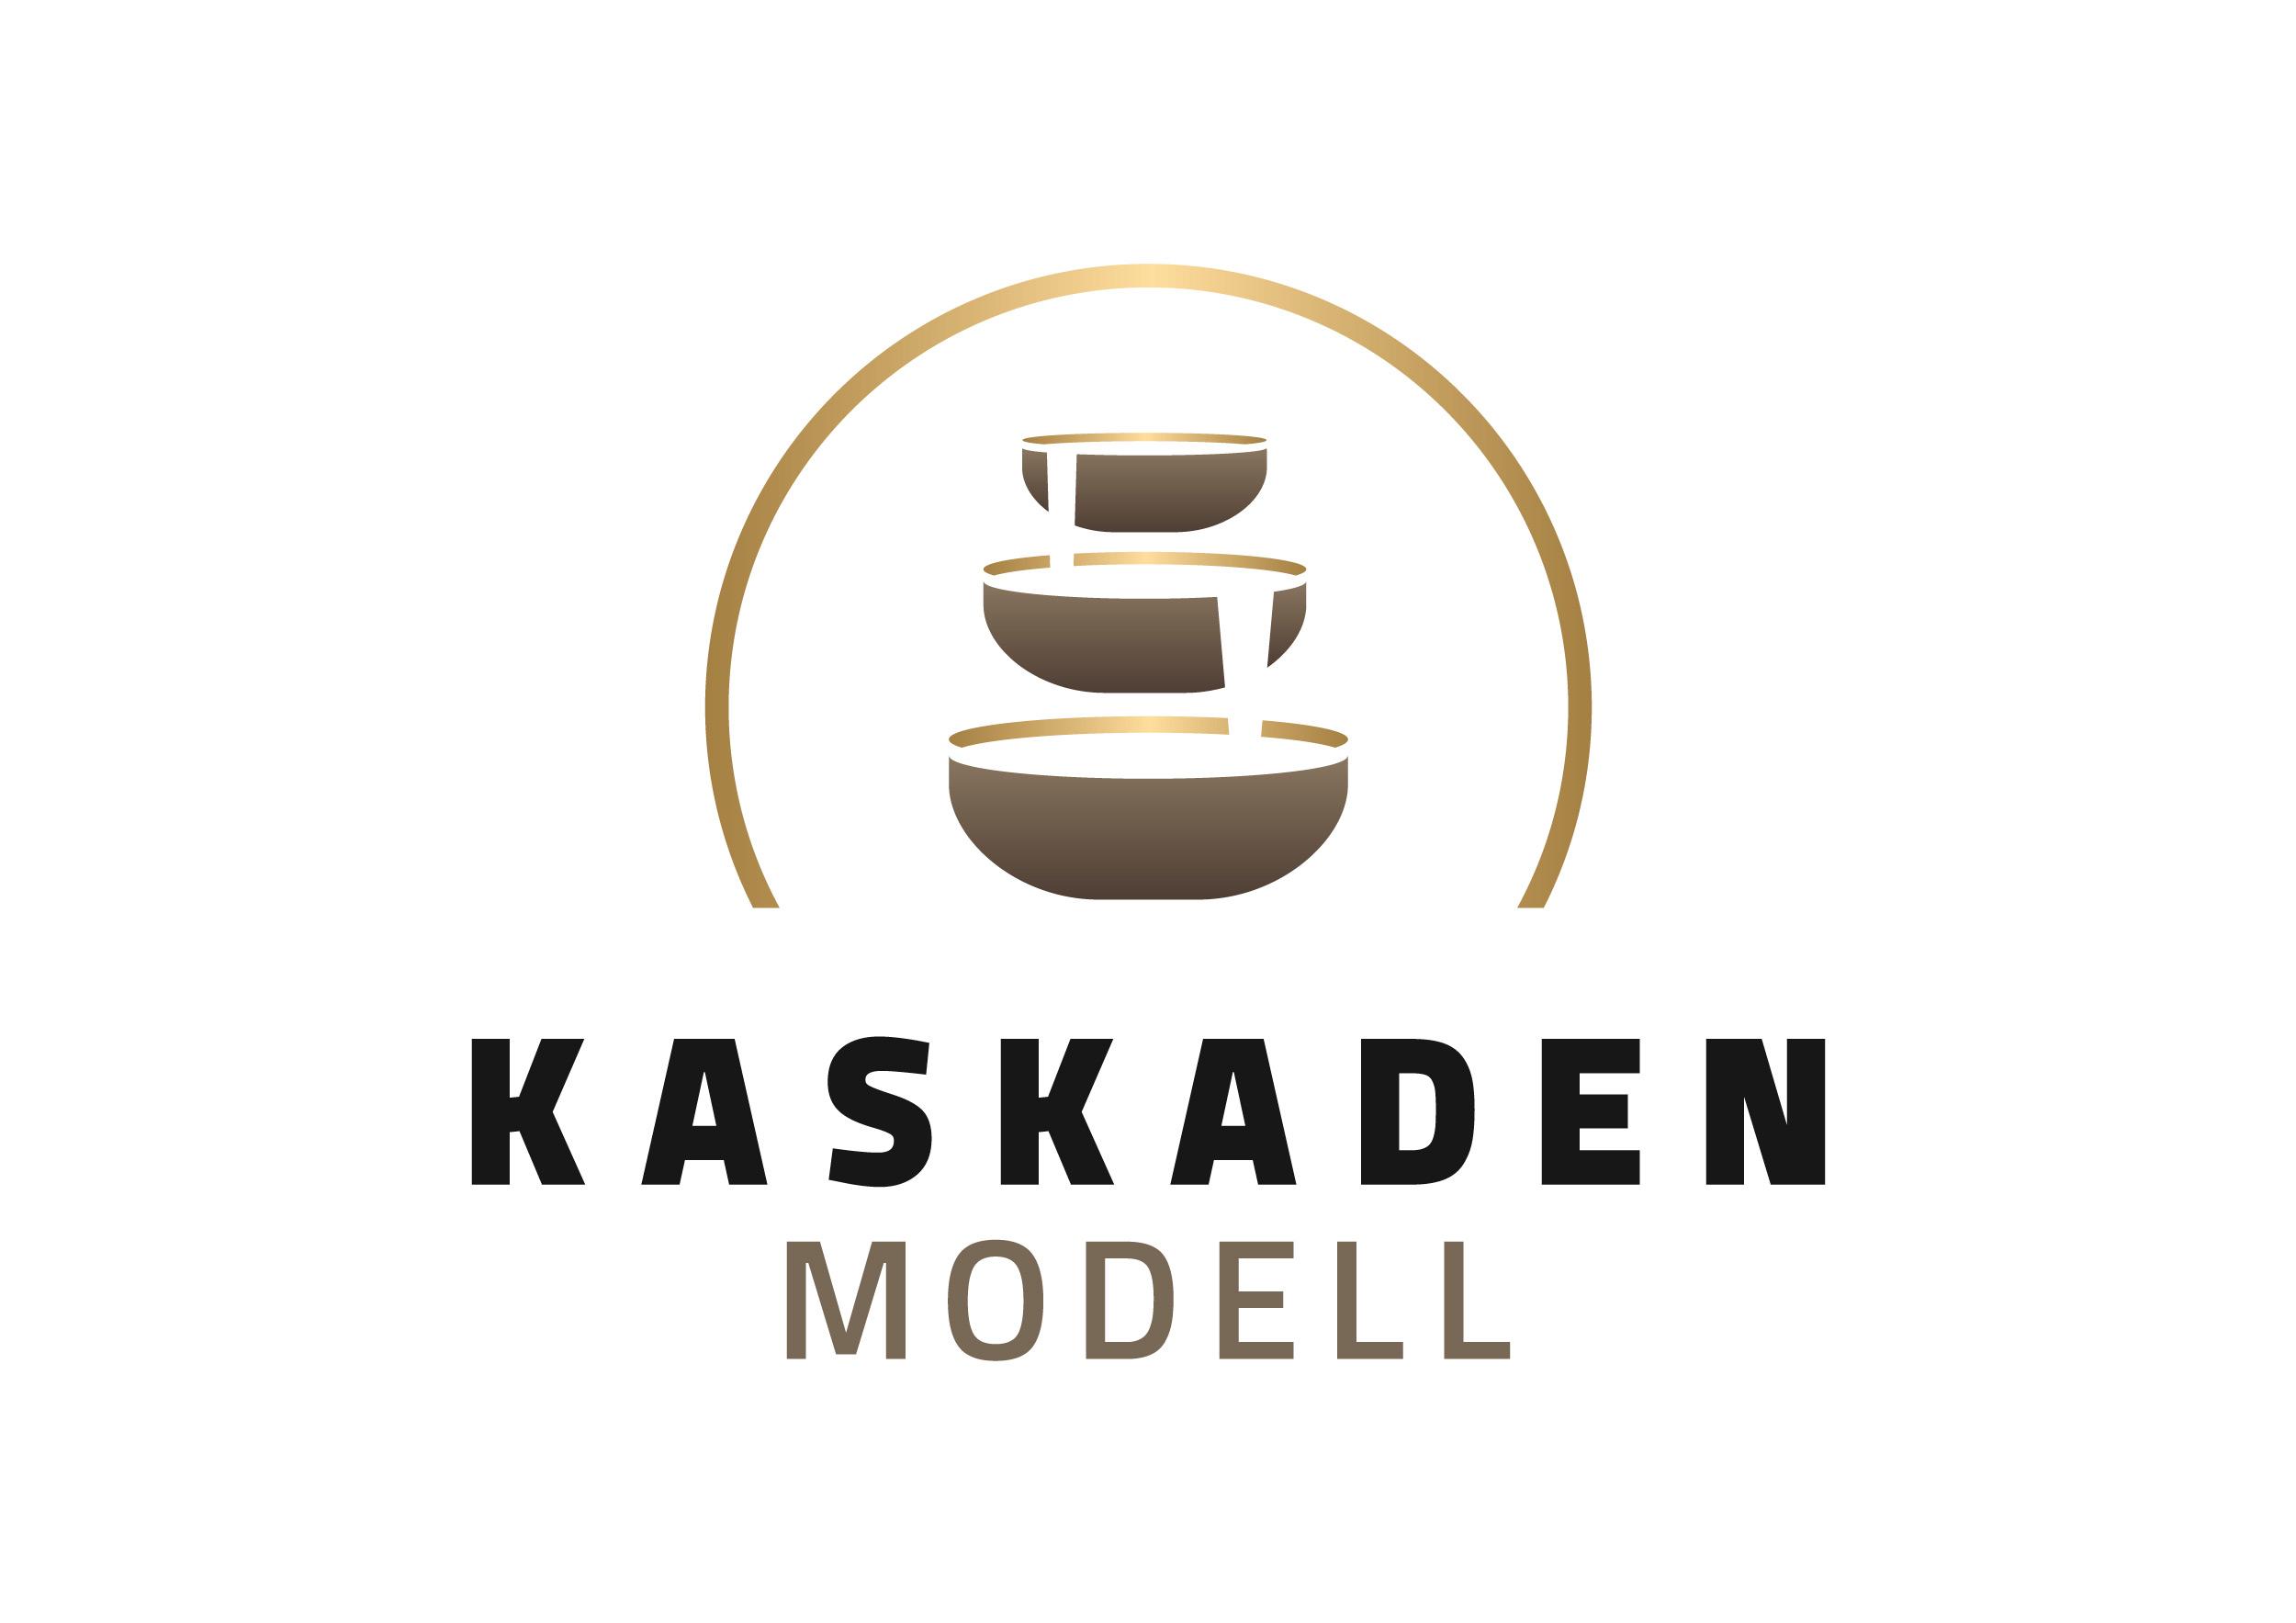 Kaskadenmodell